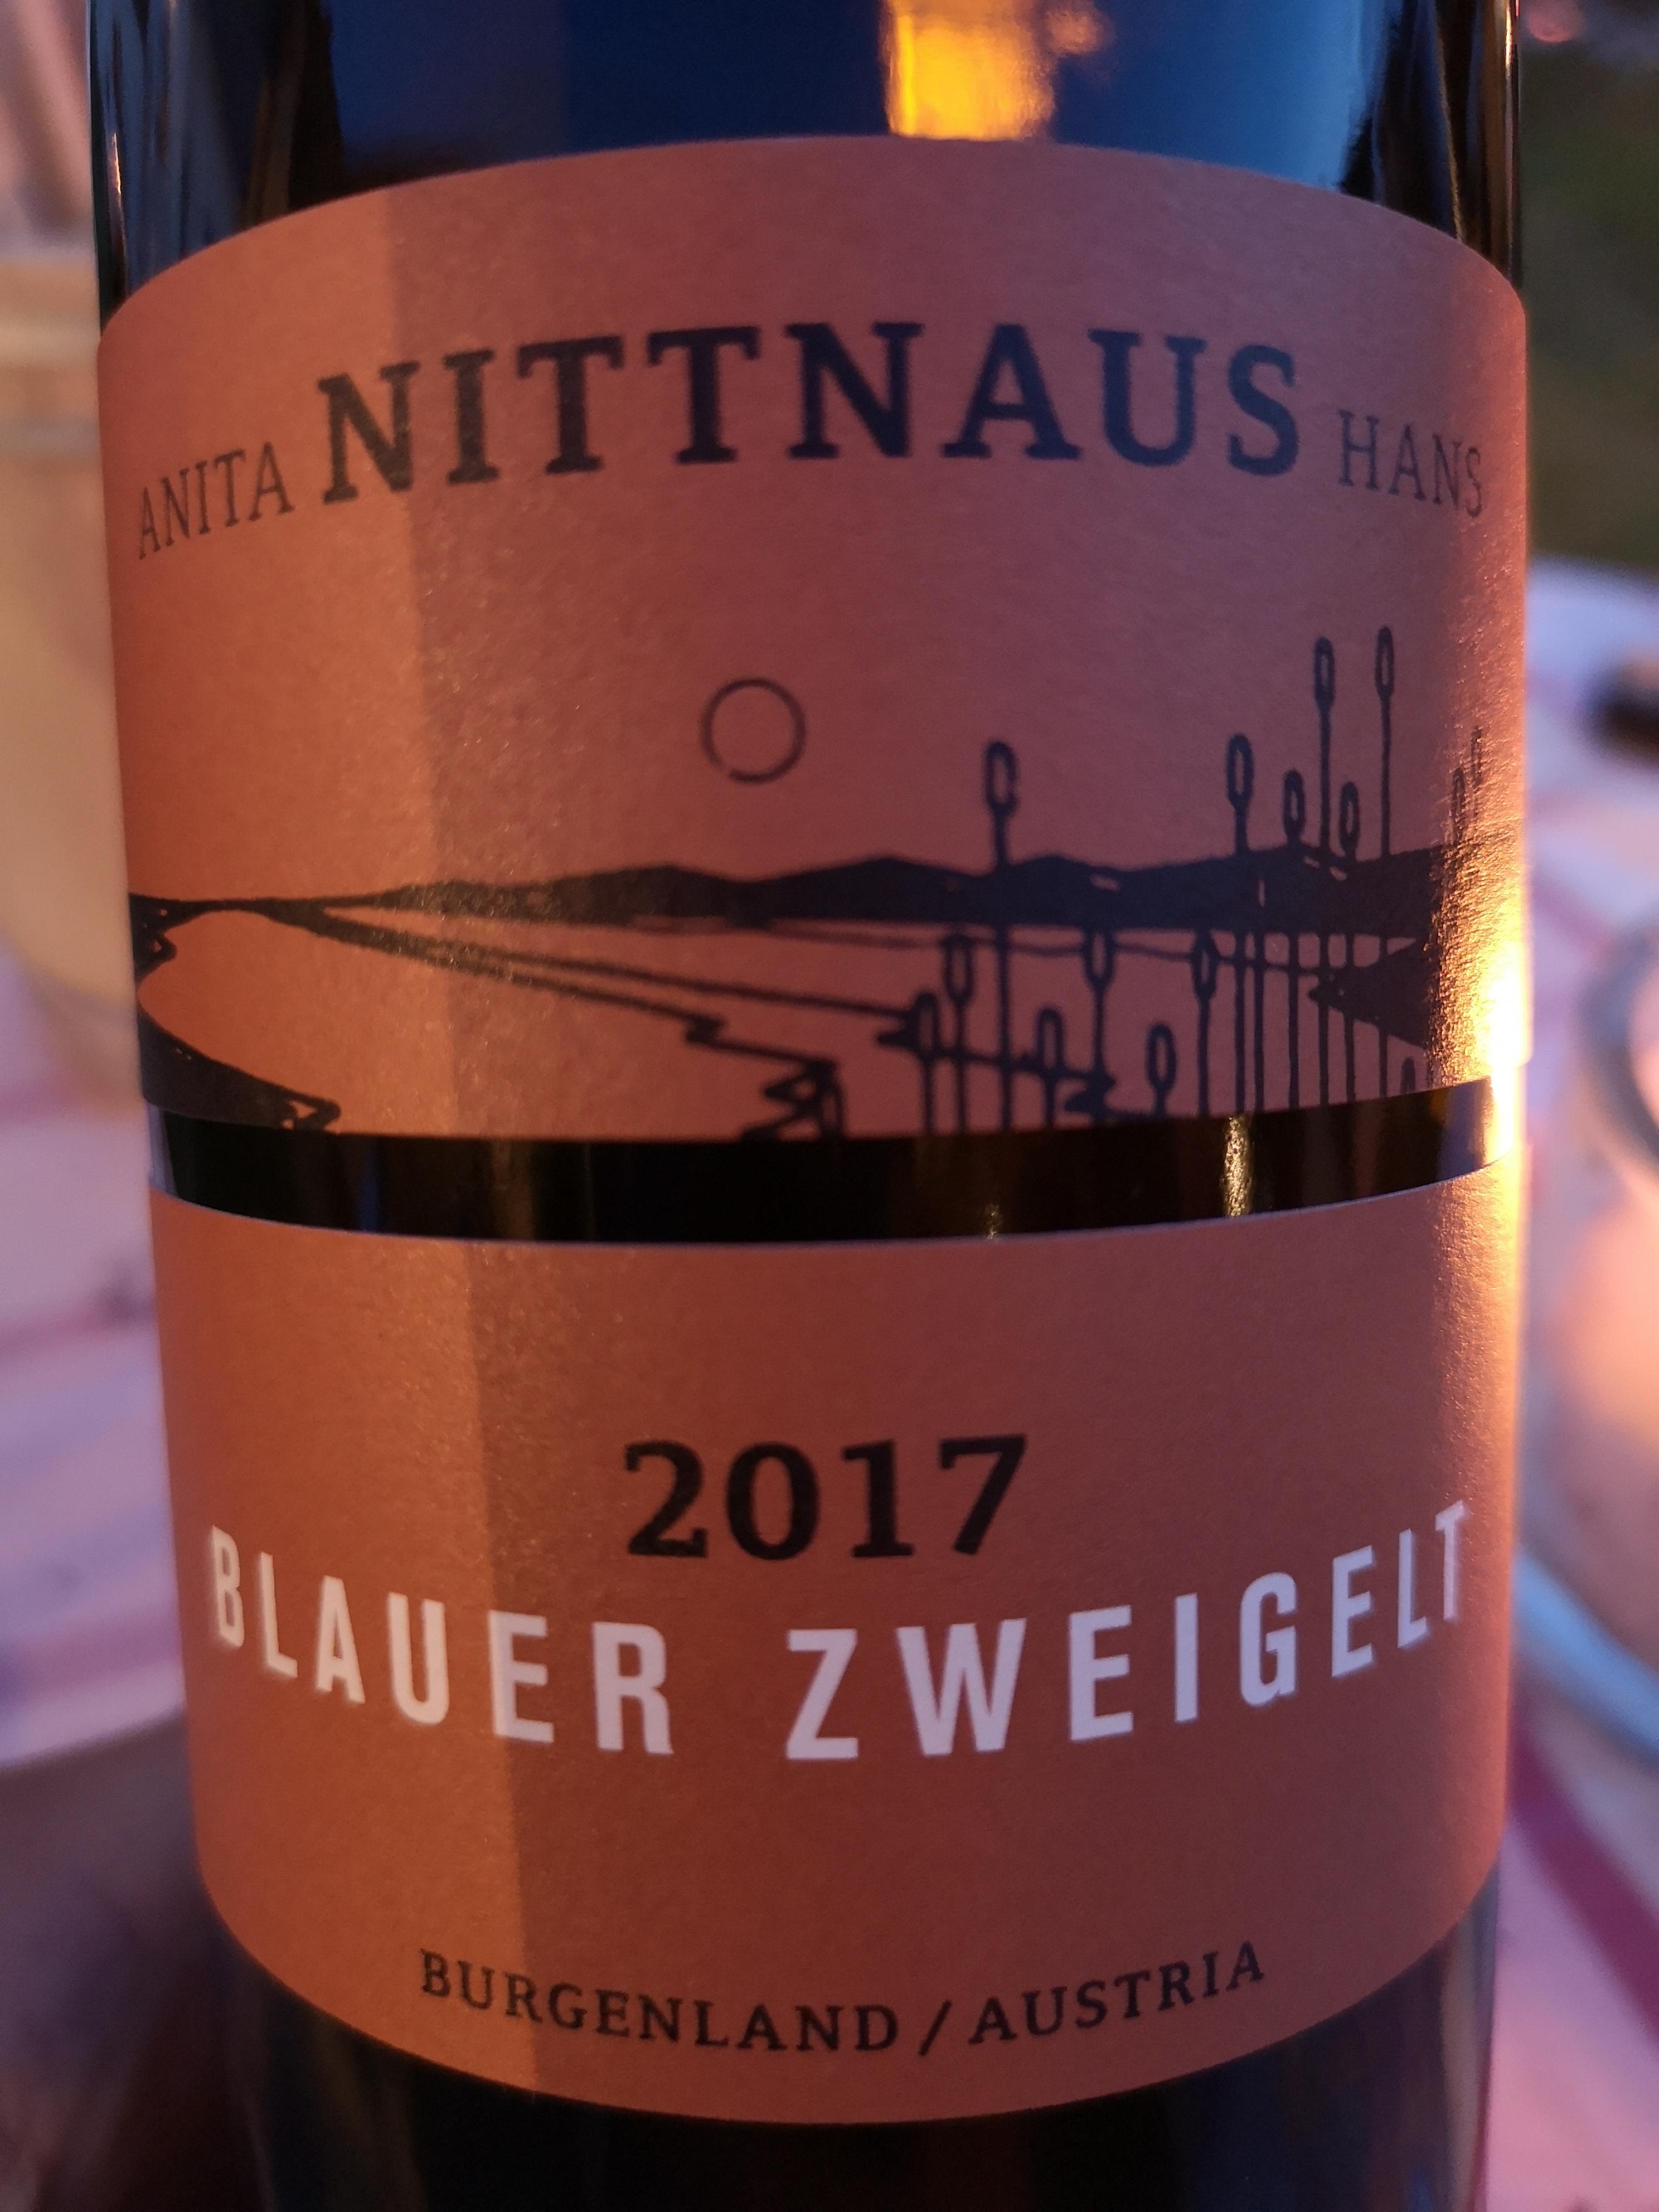 2017 Blauer Zweigelt | Nittnaus